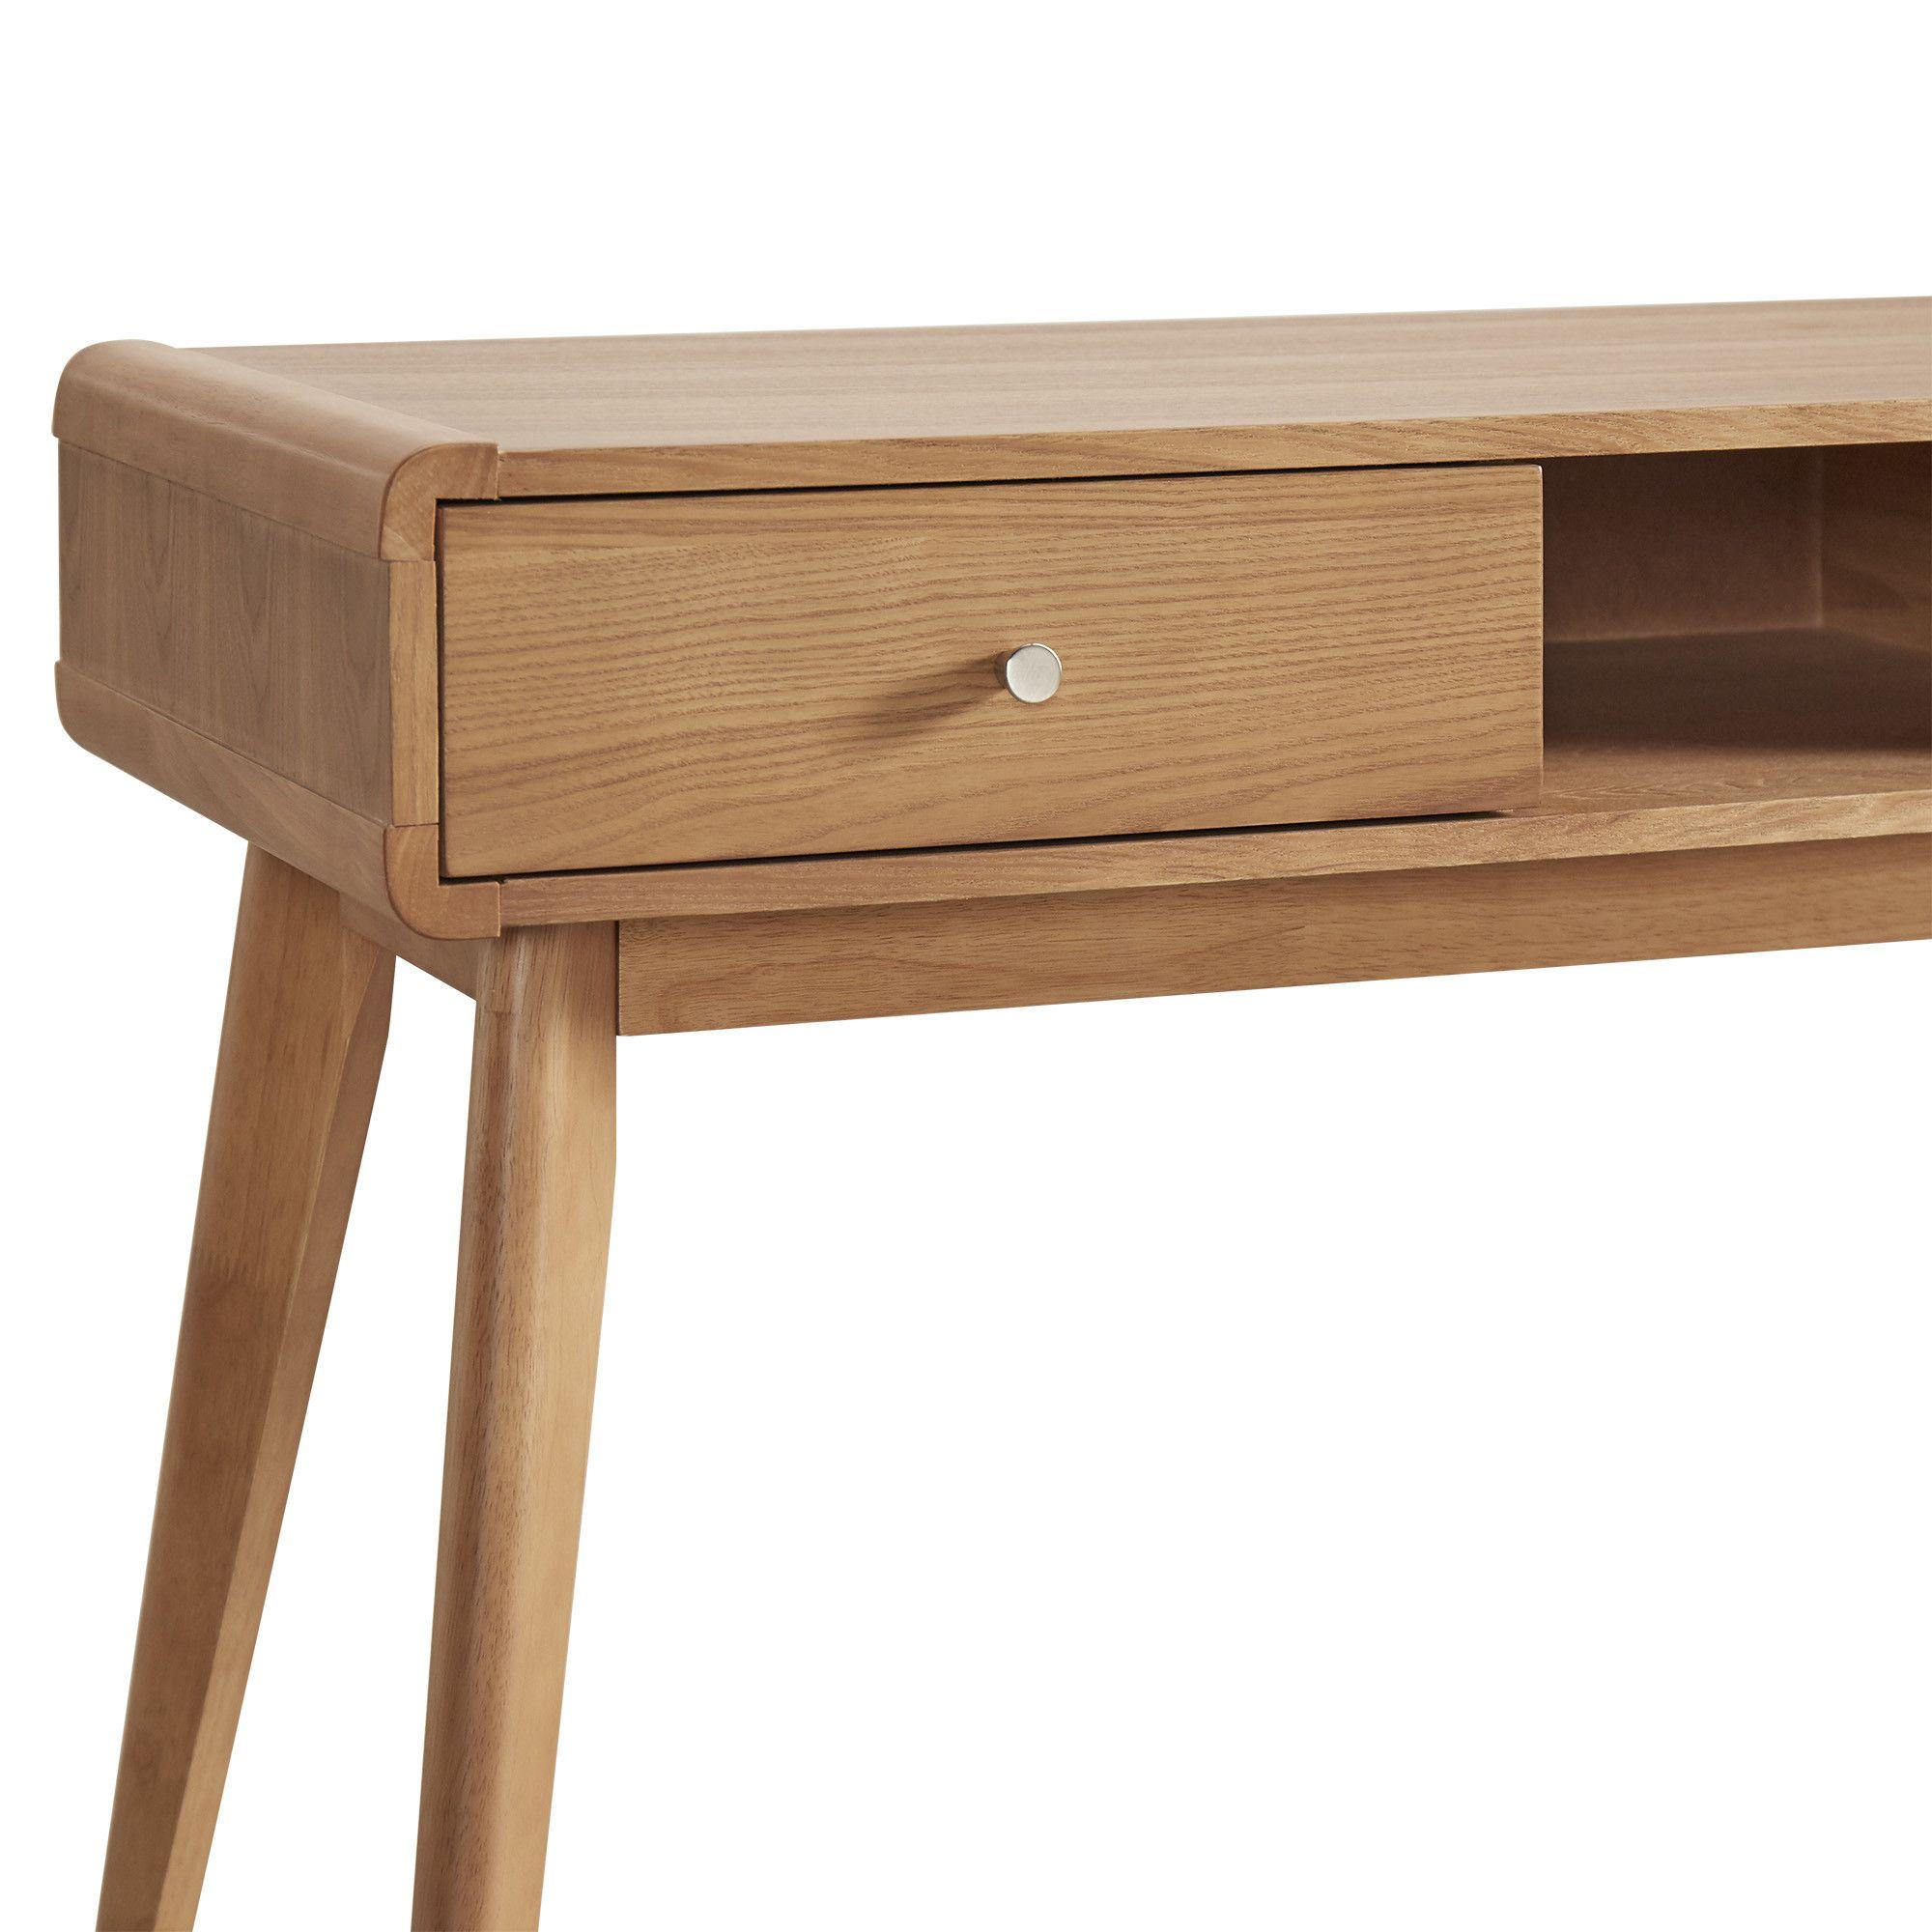 Customer Image Zoomed Furniture, Vanity, Bedroom vanity